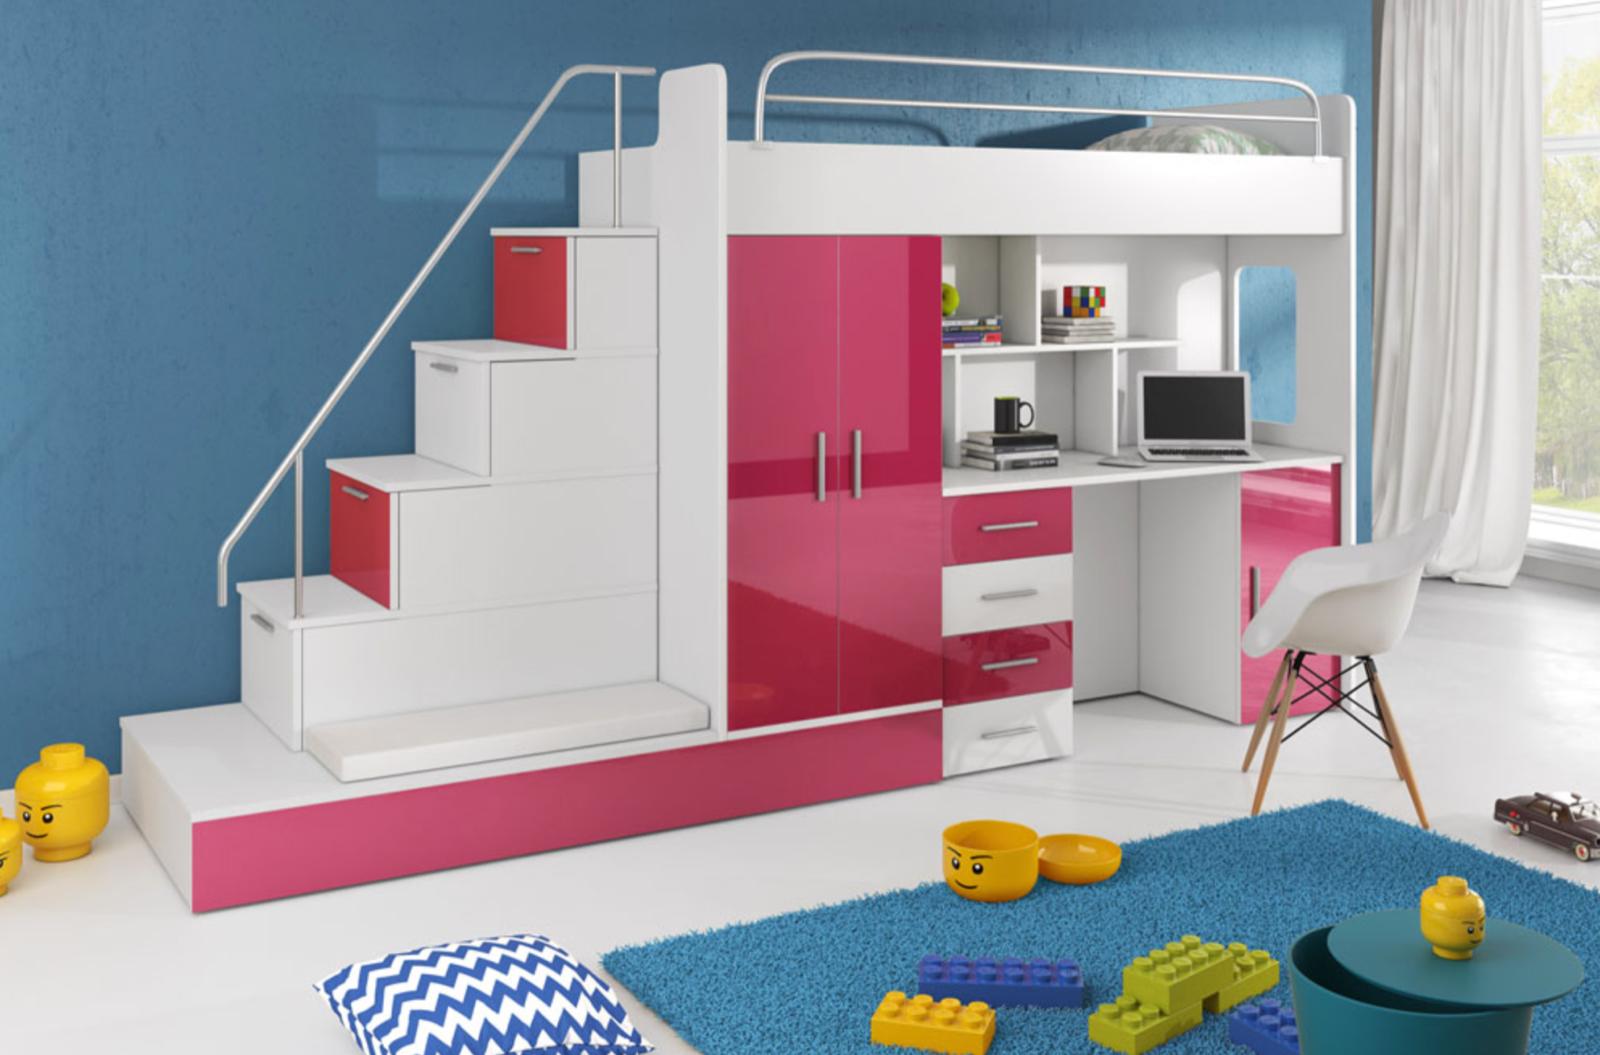 Picture of: Children Kids High Sleeper Bunk Bed Storage Desk Wardrobe Space Saver Kmr5 Ebay